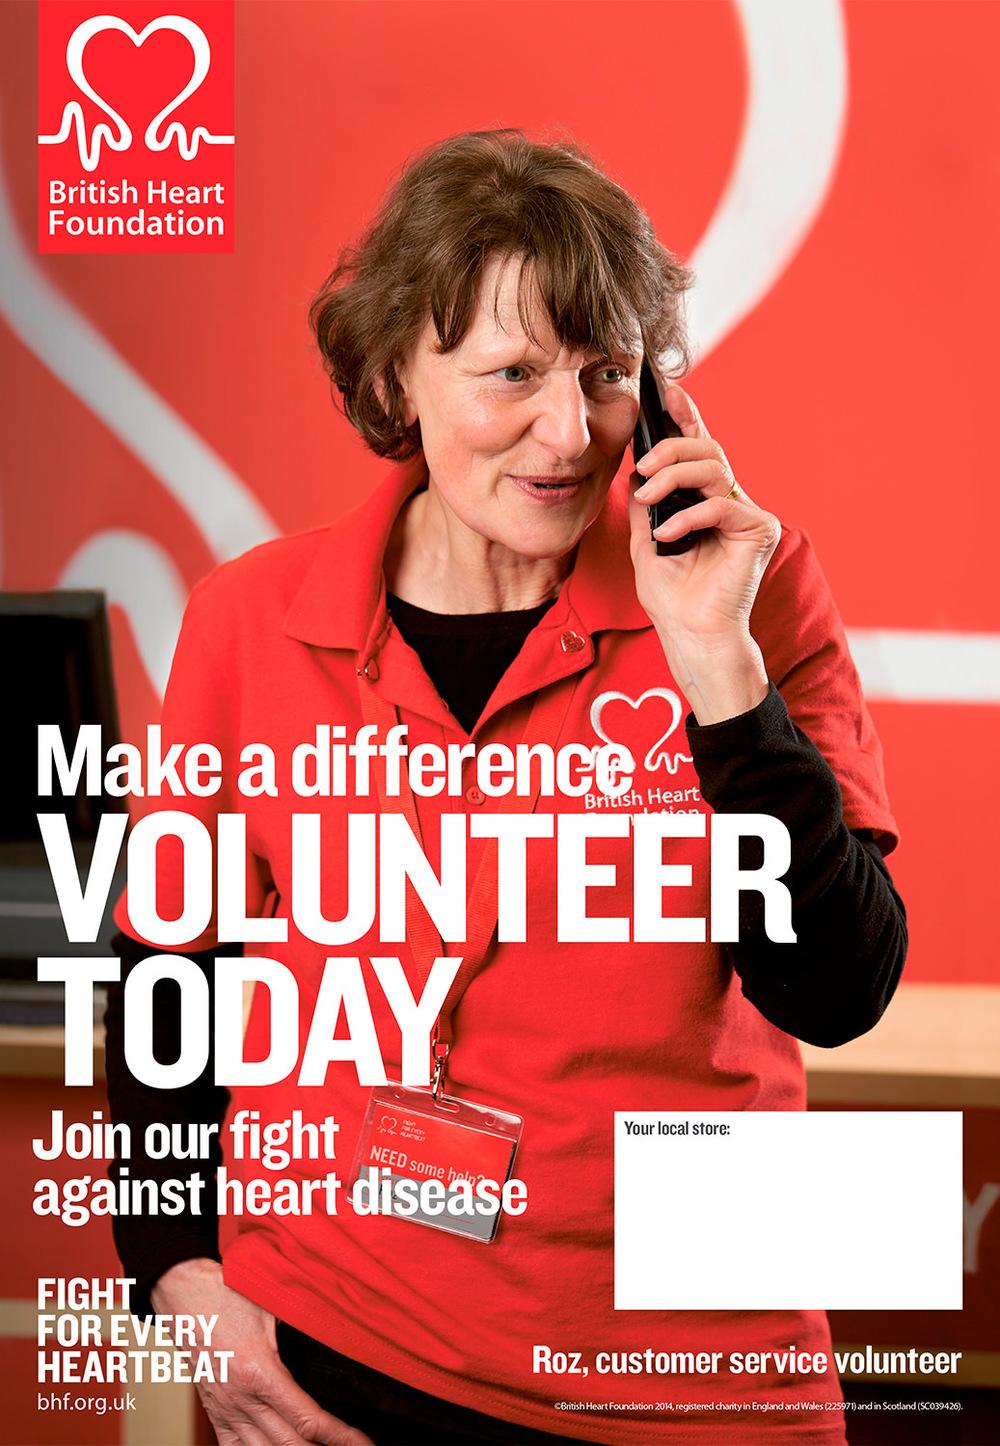 BHF-Volunteer-02.jpg